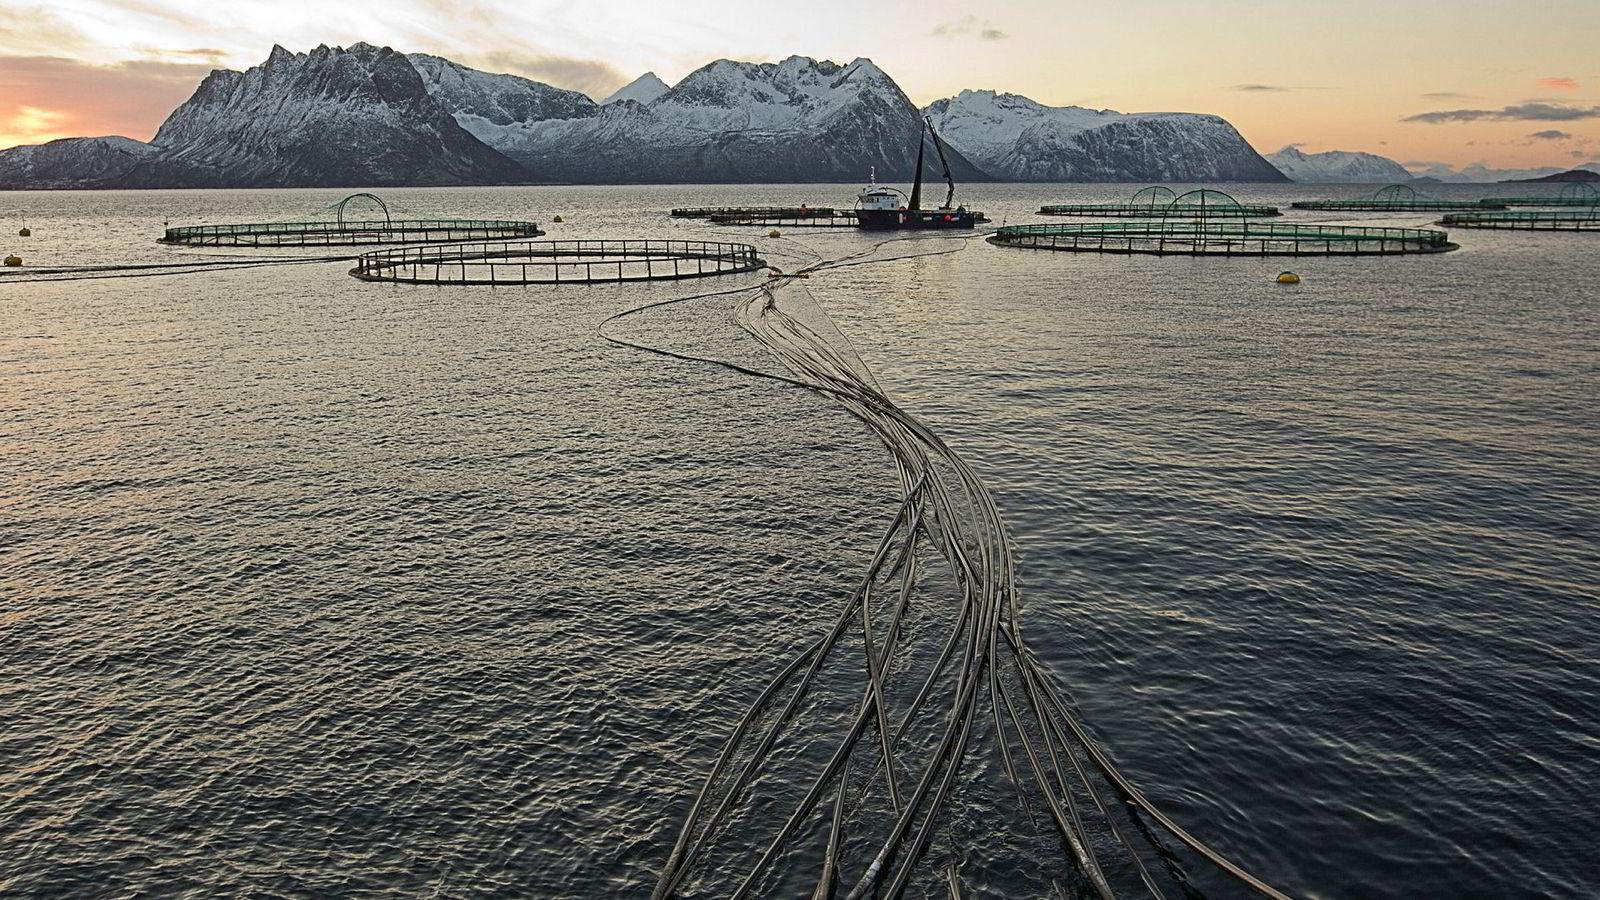 Sjømatselskapet Mowi må stenge to lokaliteter for oppdrettsfiske i Troms, etter at de fikk påvist en alvorlig laksesykdom. Bildet er fra Flakstadvåg i Senja.